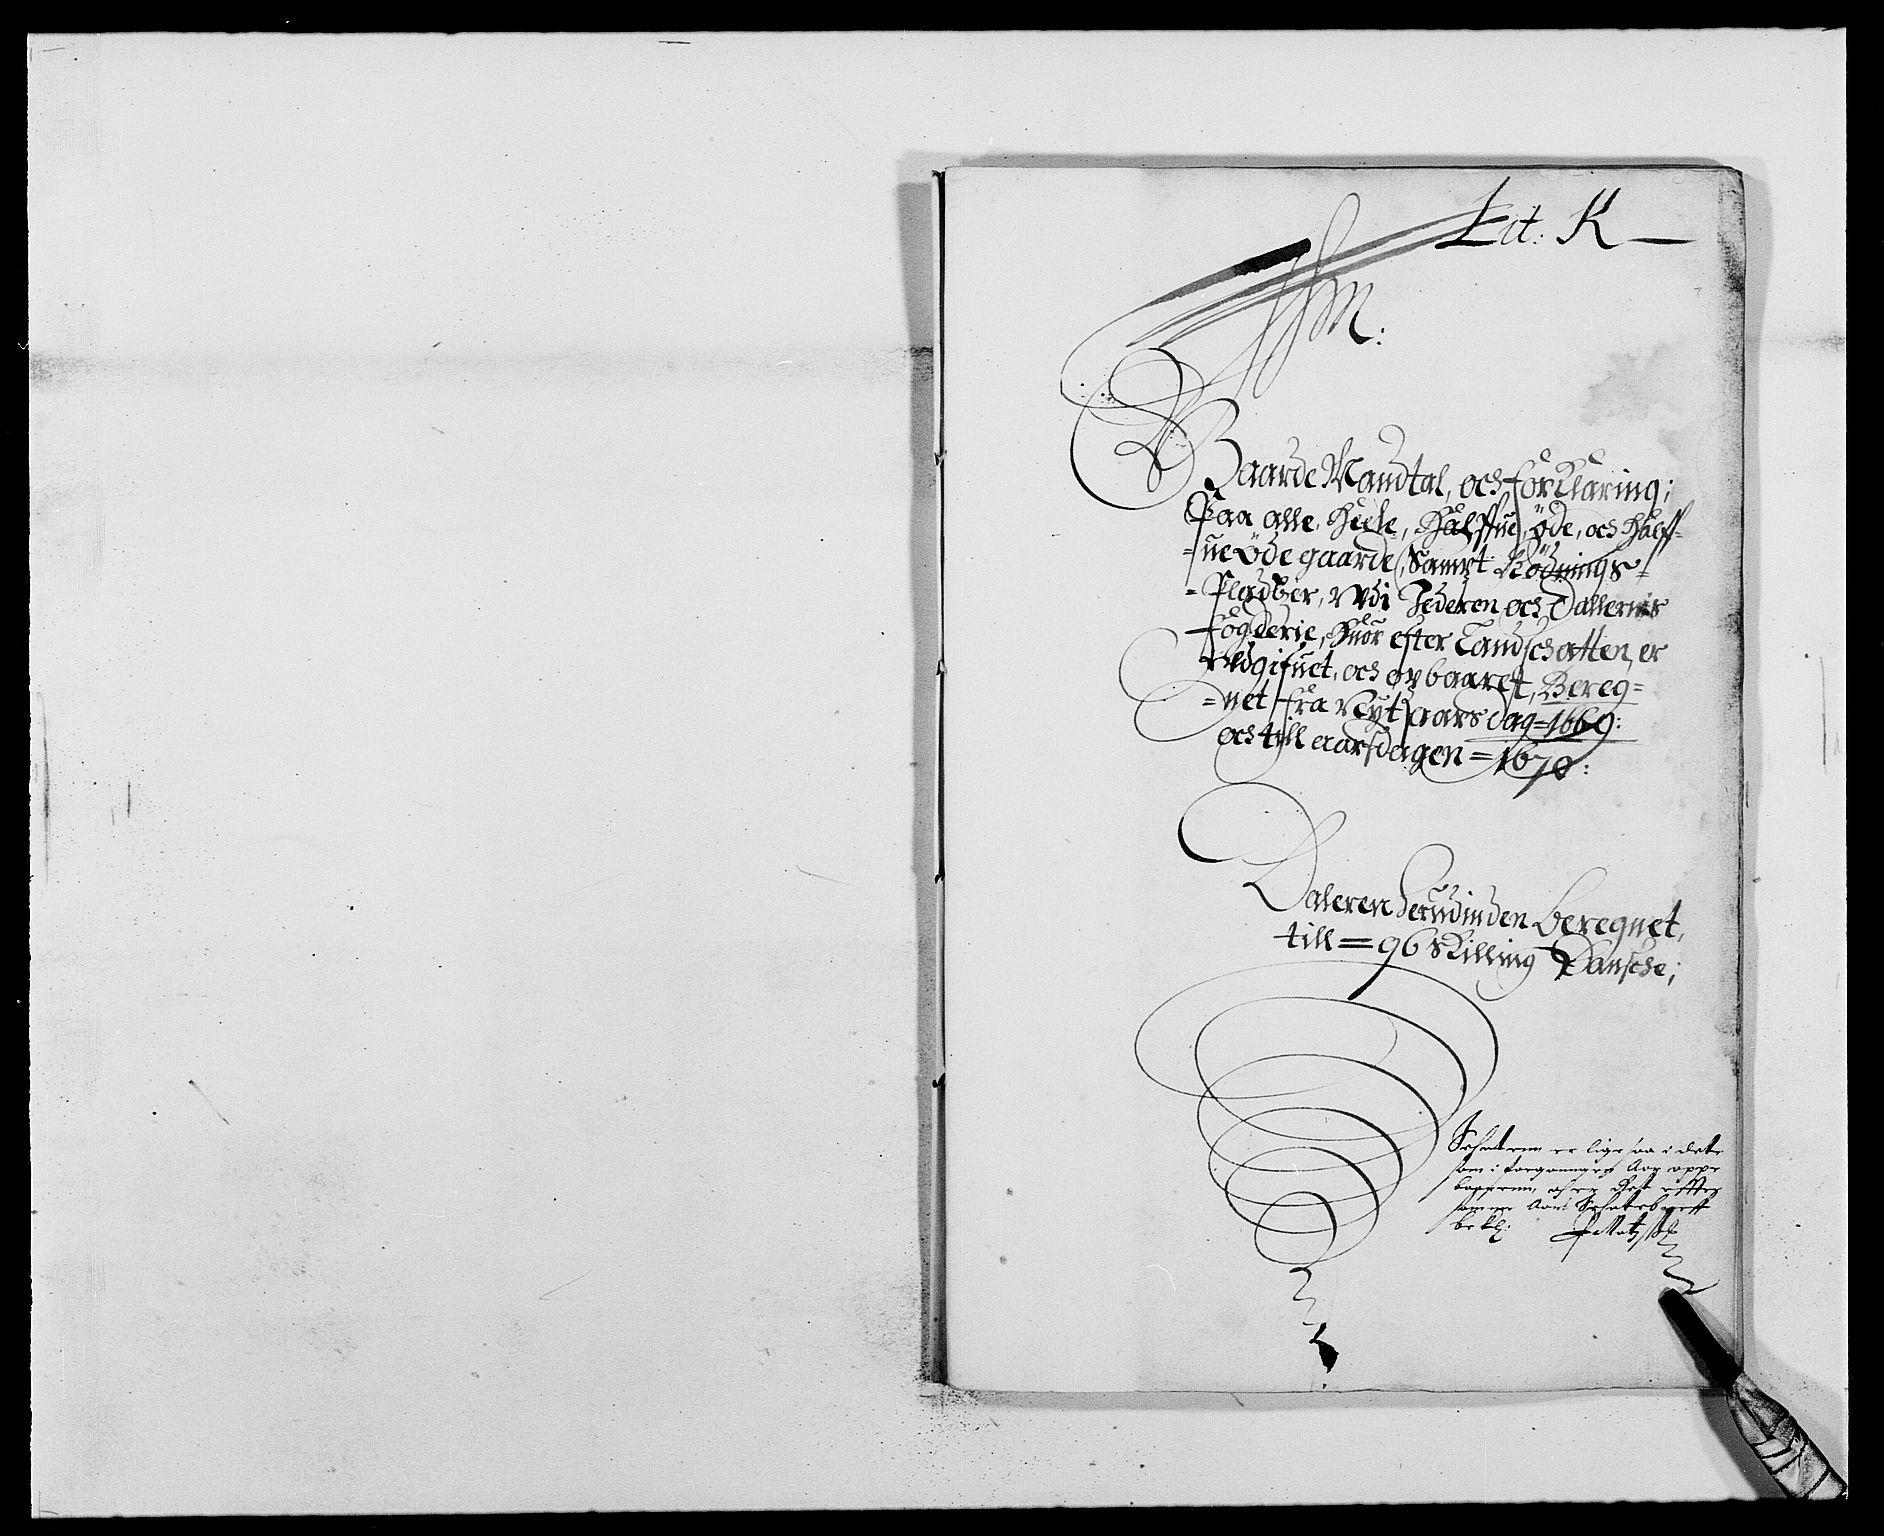 RA, Rentekammeret inntil 1814, Reviderte regnskaper, Fogderegnskap, R46/L2711: Fogderegnskap Jæren og Dalane, 1668-1670, s. 218